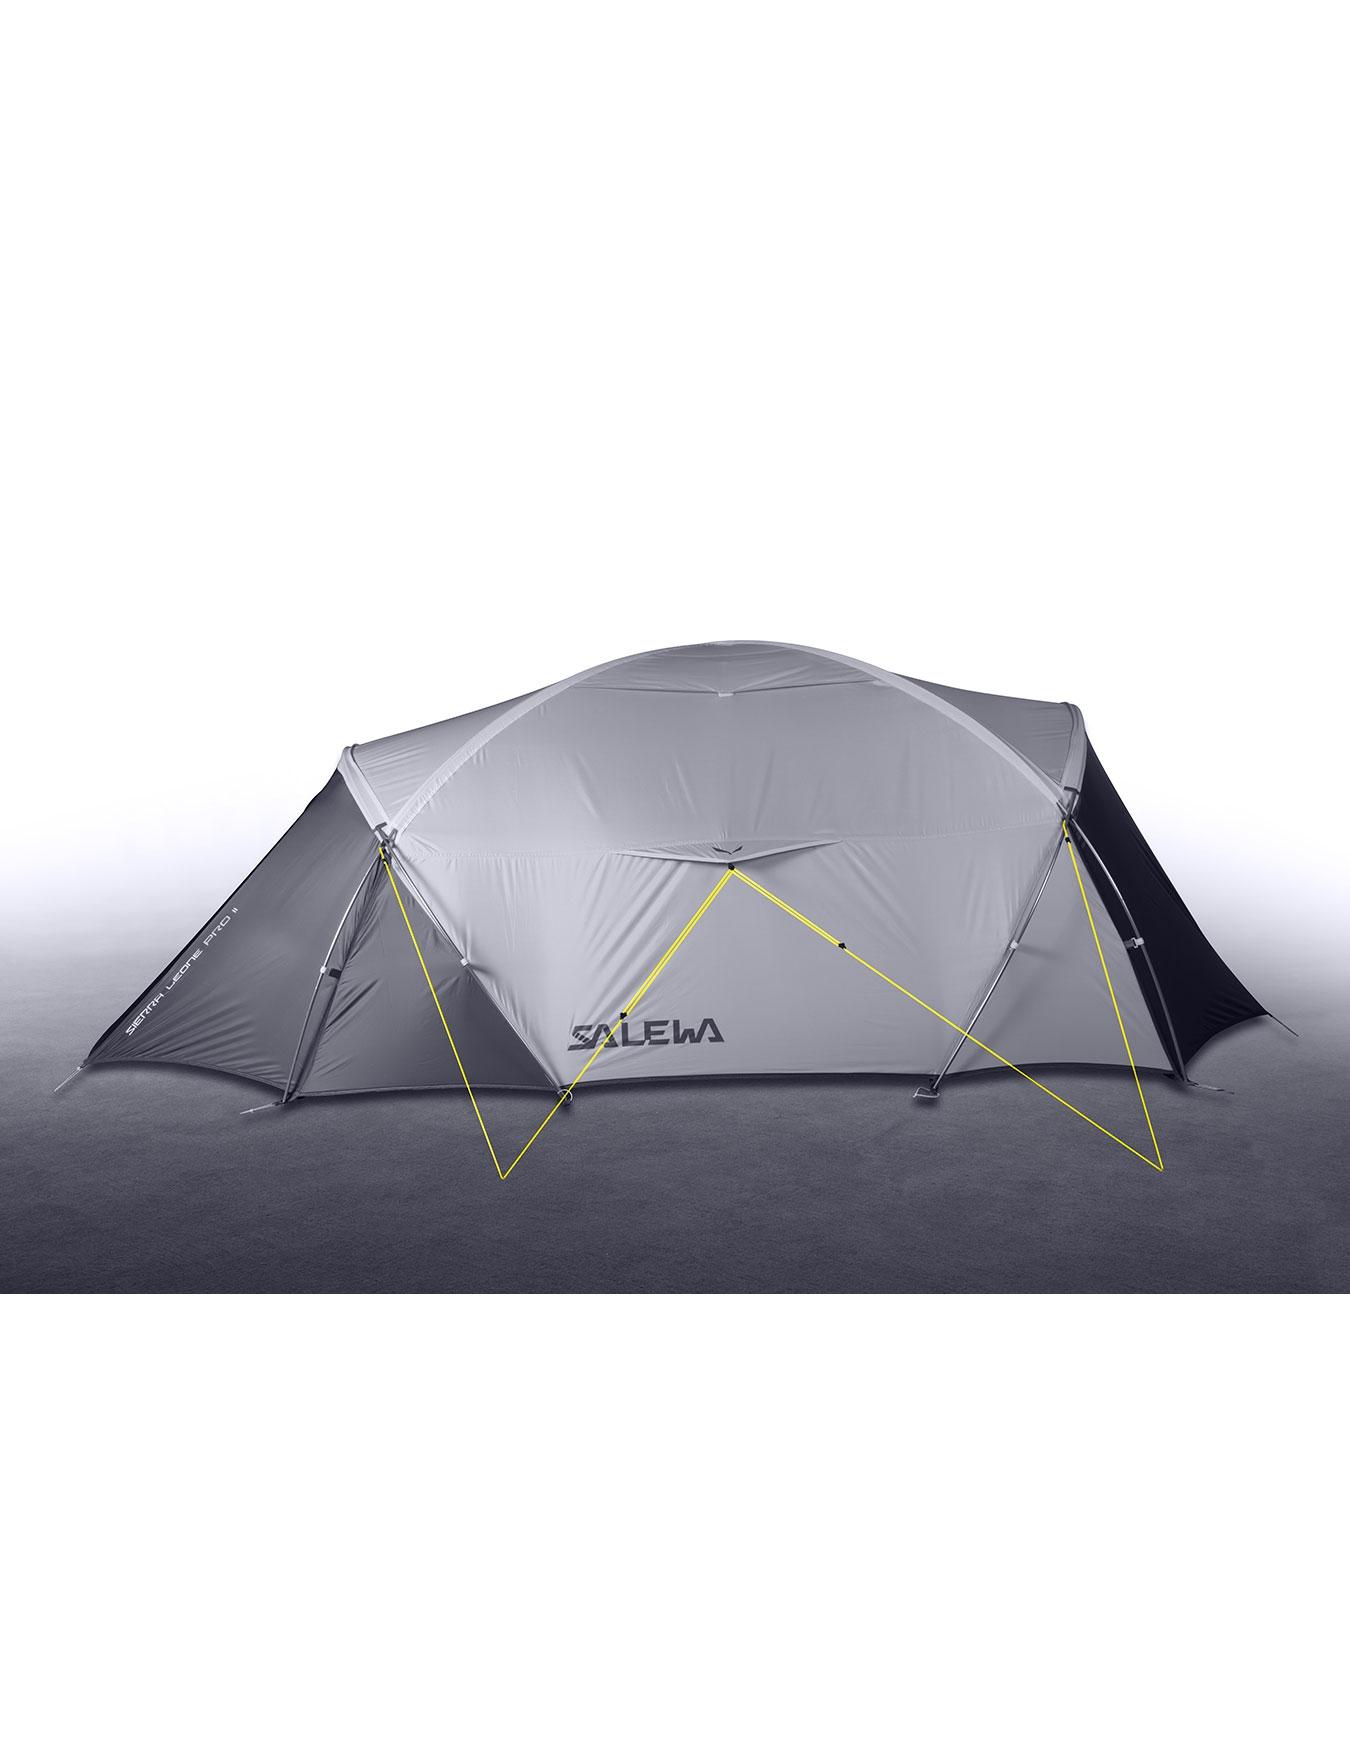 sierra leon 3 tente